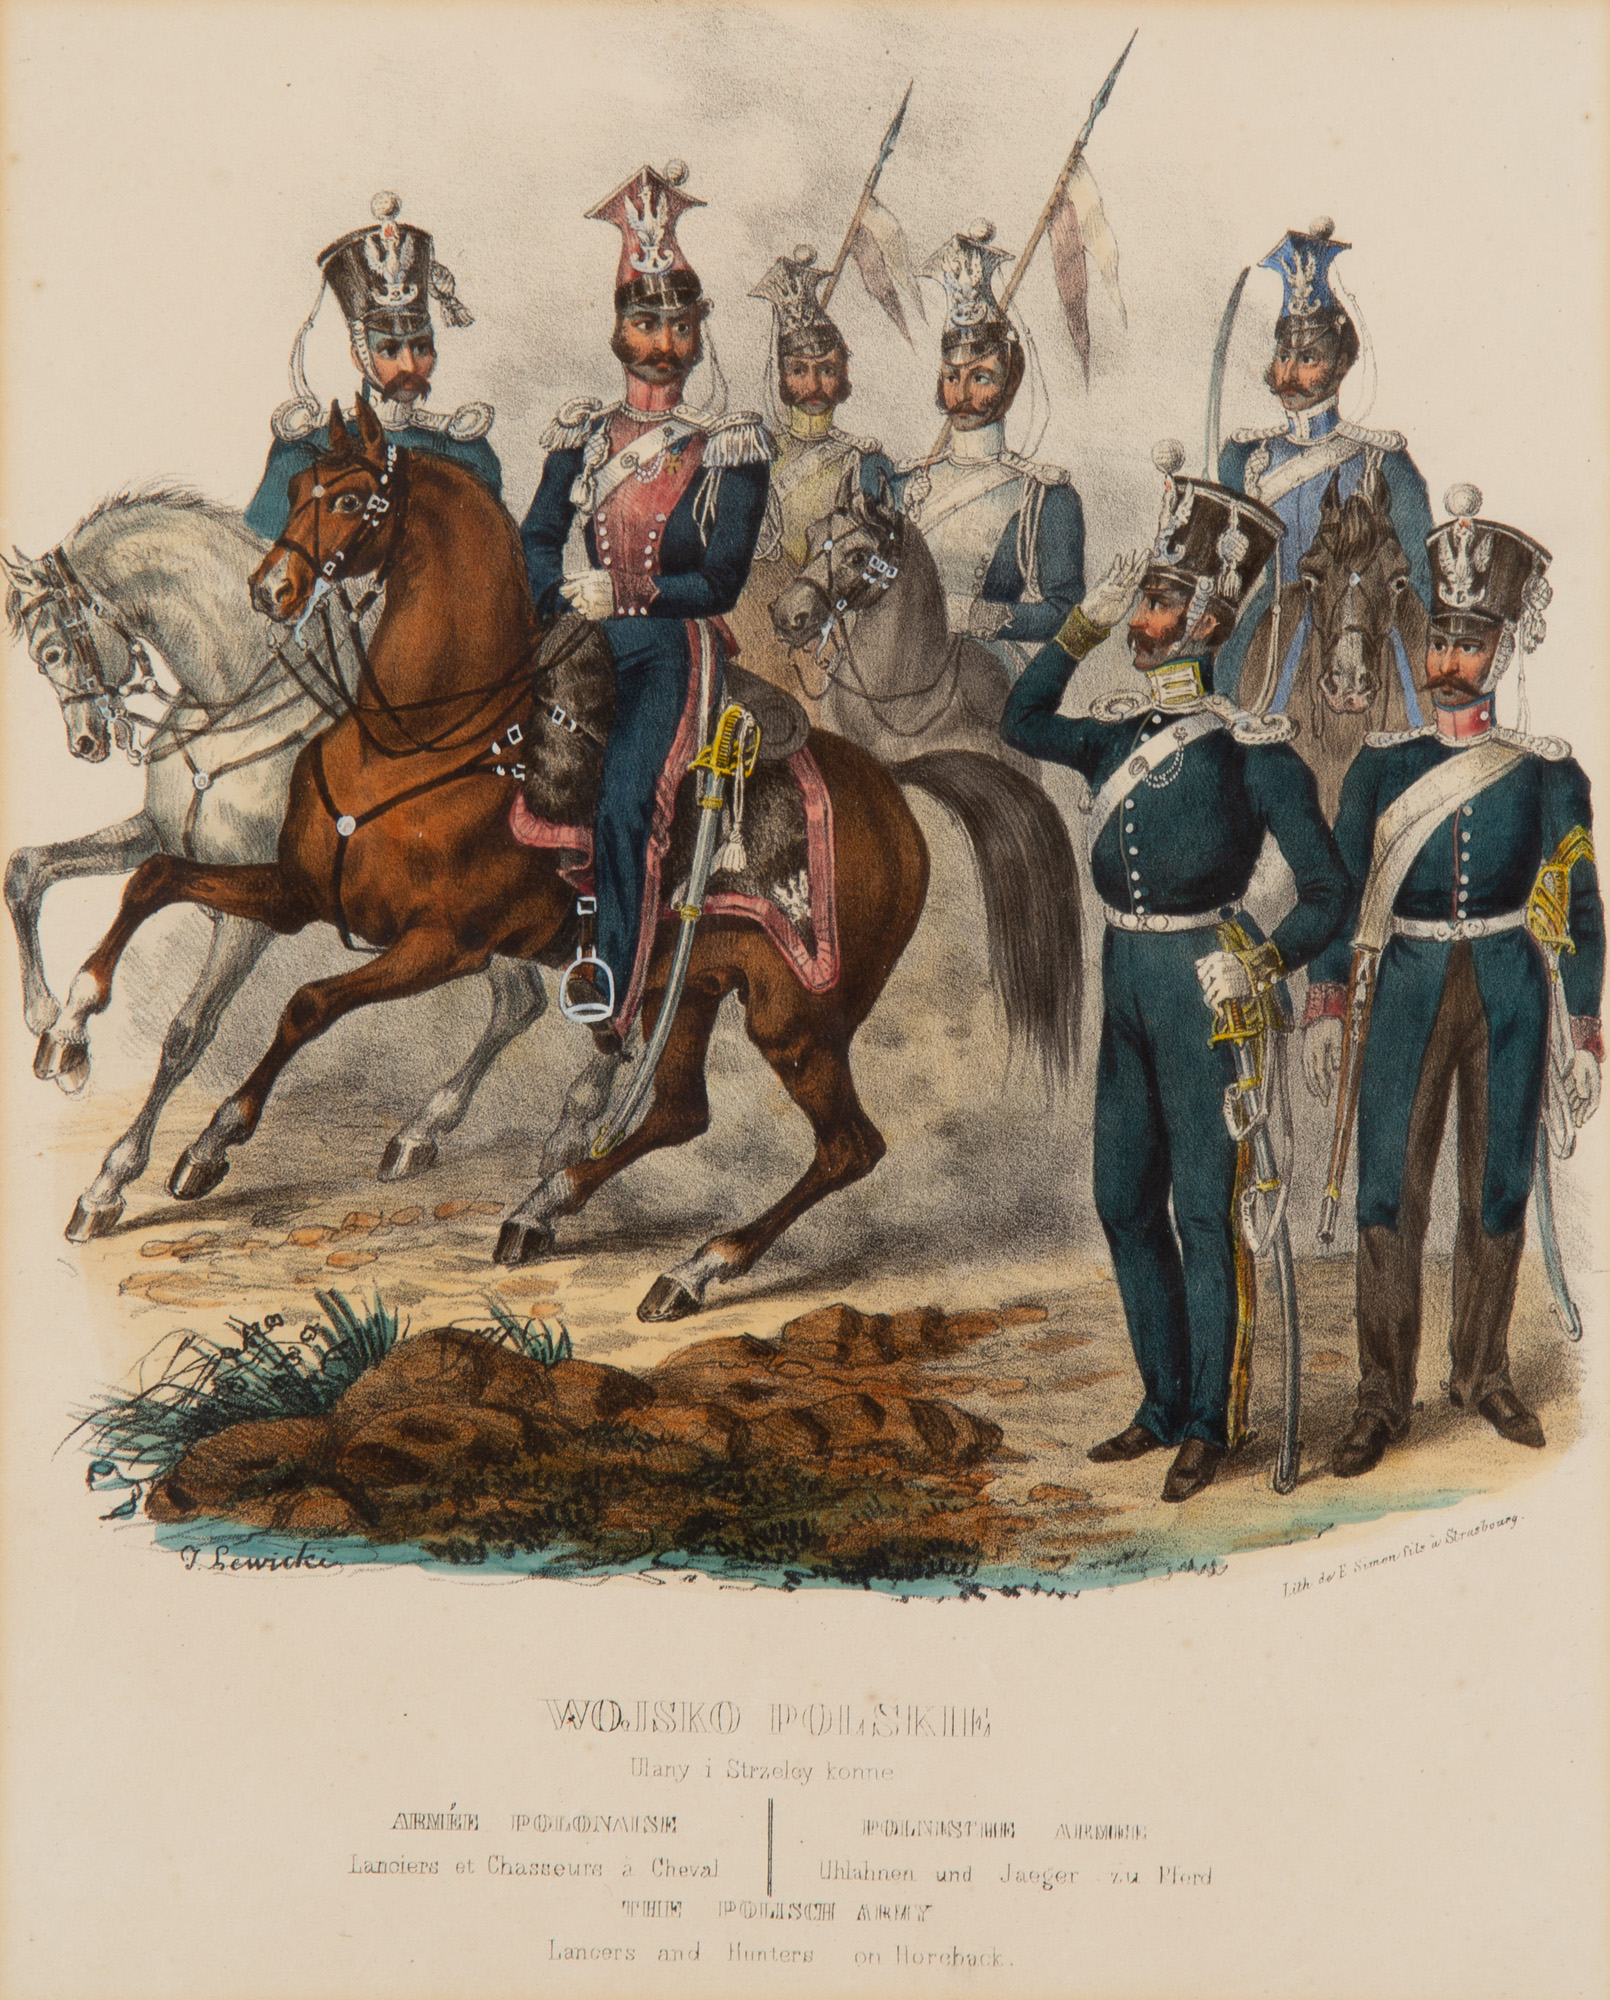 Wojsko Polskie. Ułany i strzelce konne, 1841